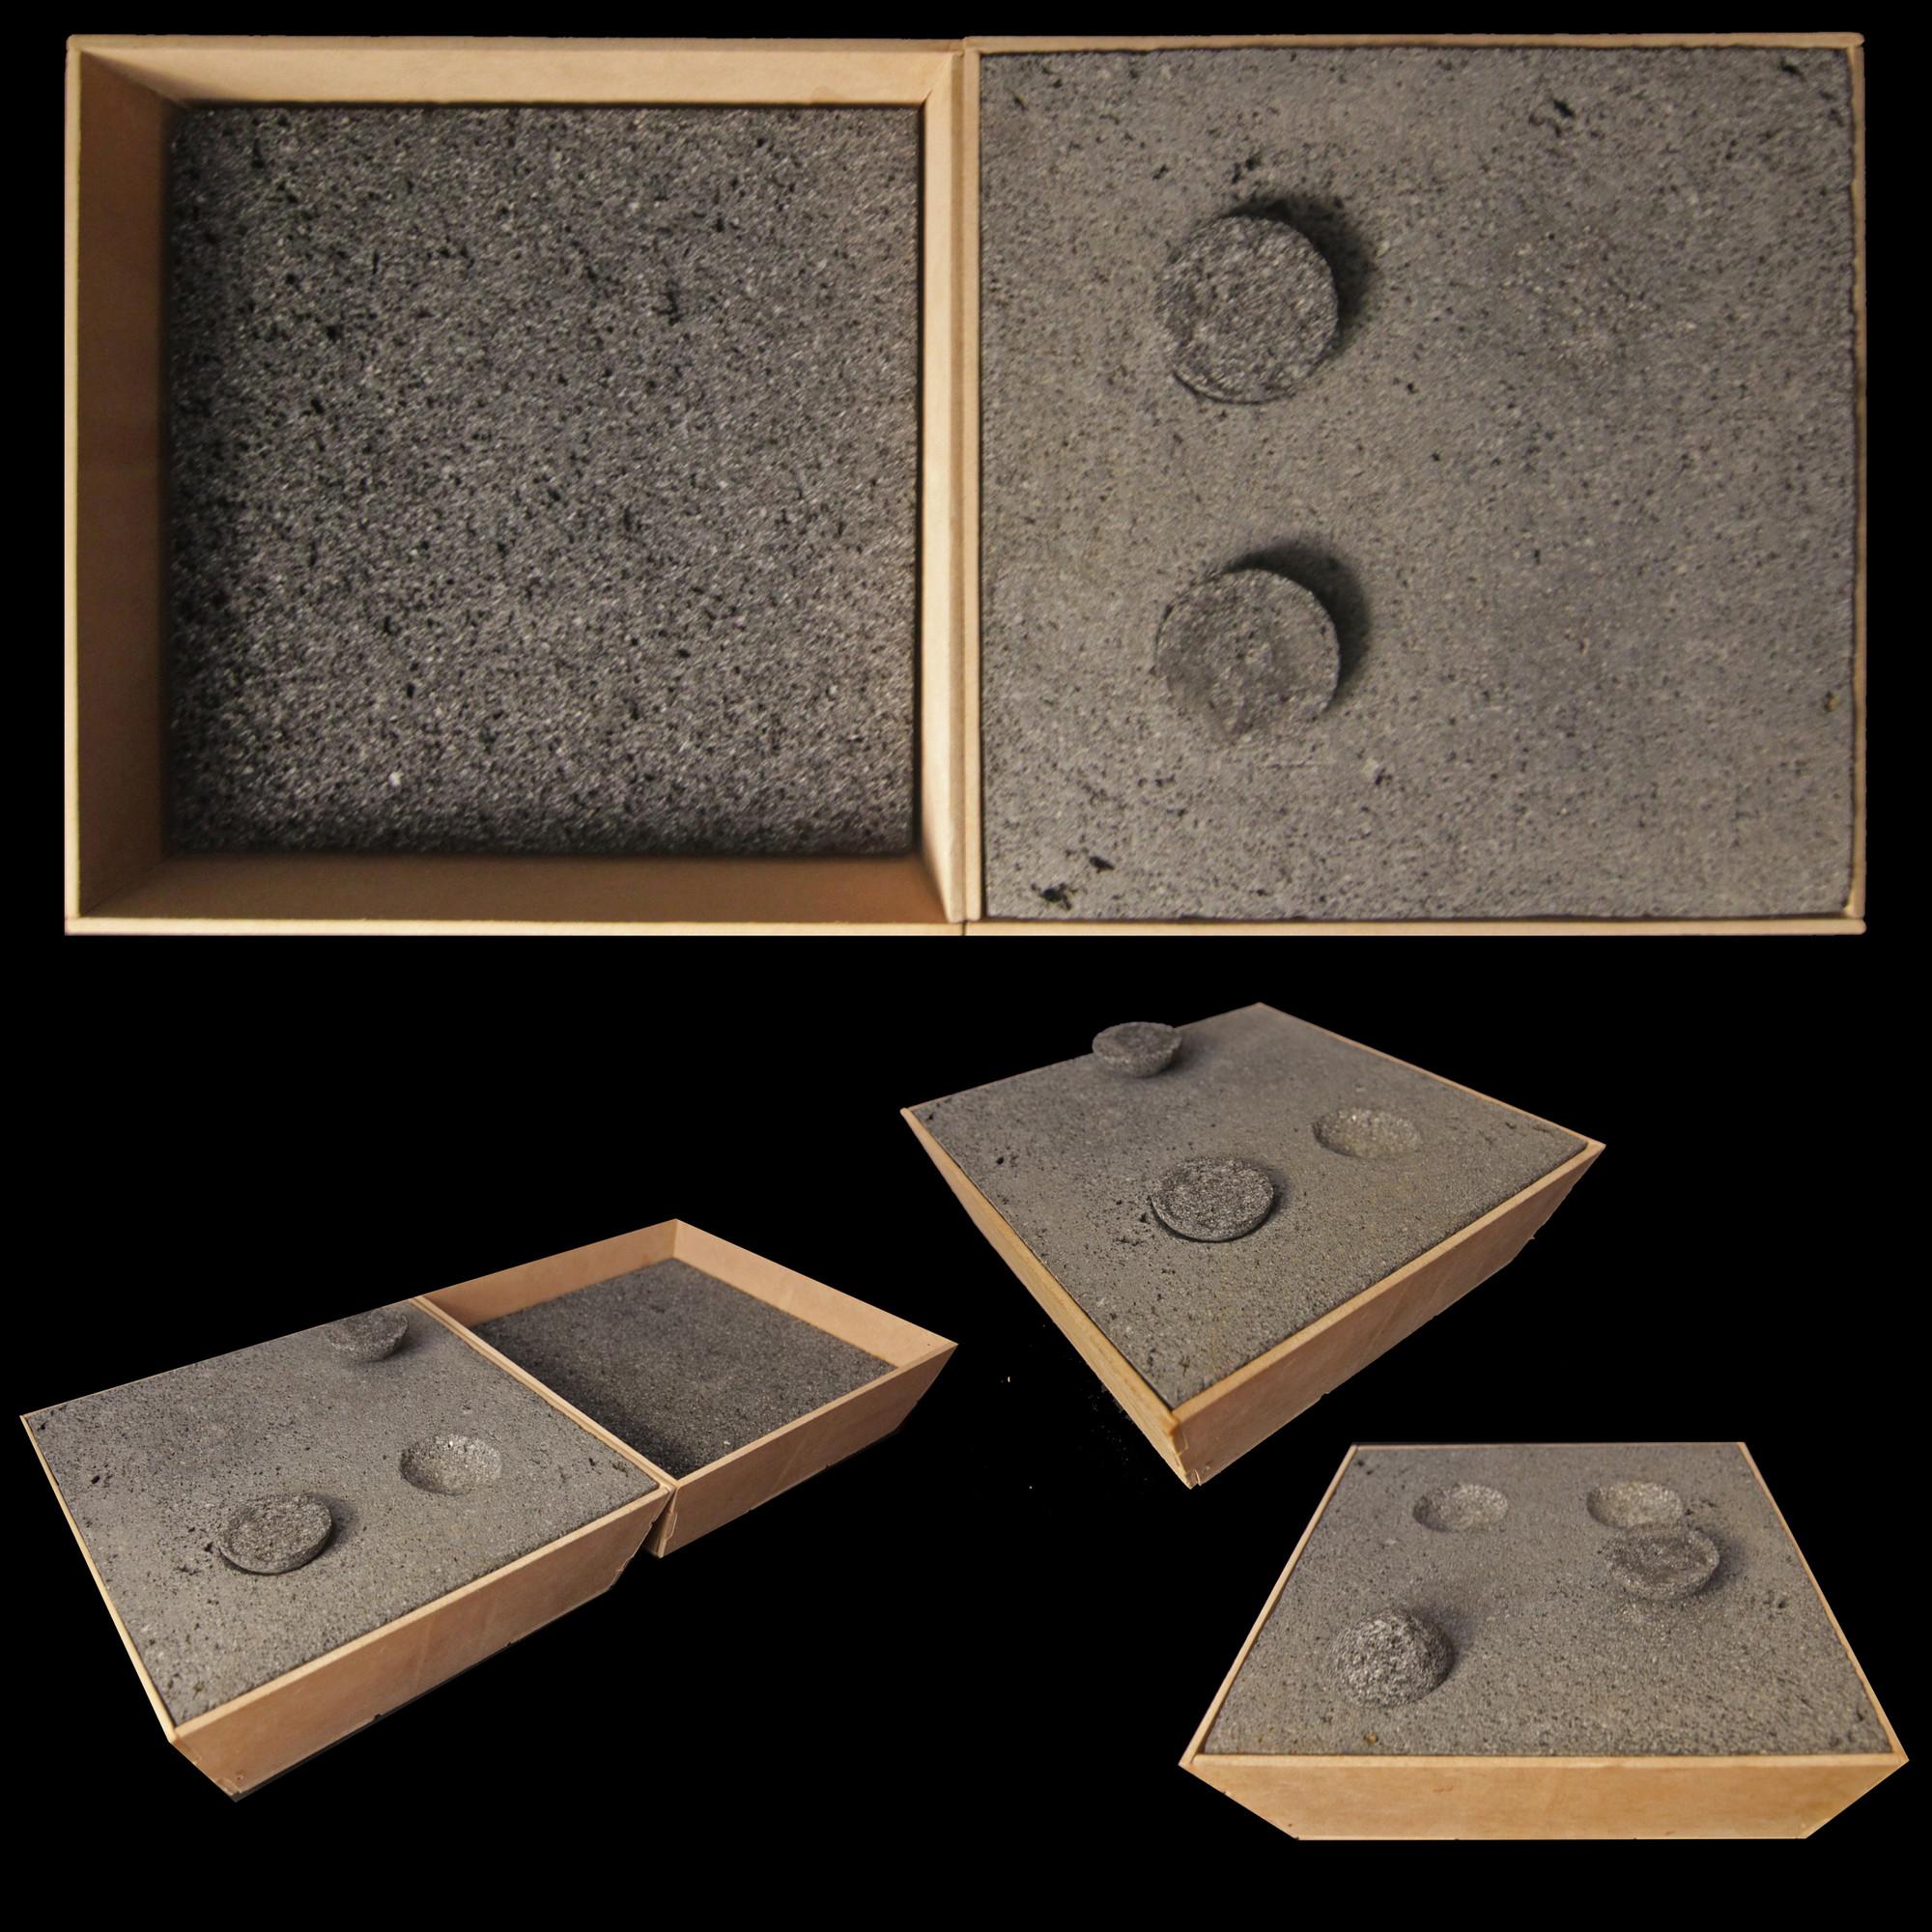 Above MM Parte tres: Exposición de piezas-cajas mexicanas en España, Pieza-Caja de Macías Peredo Arquitectos